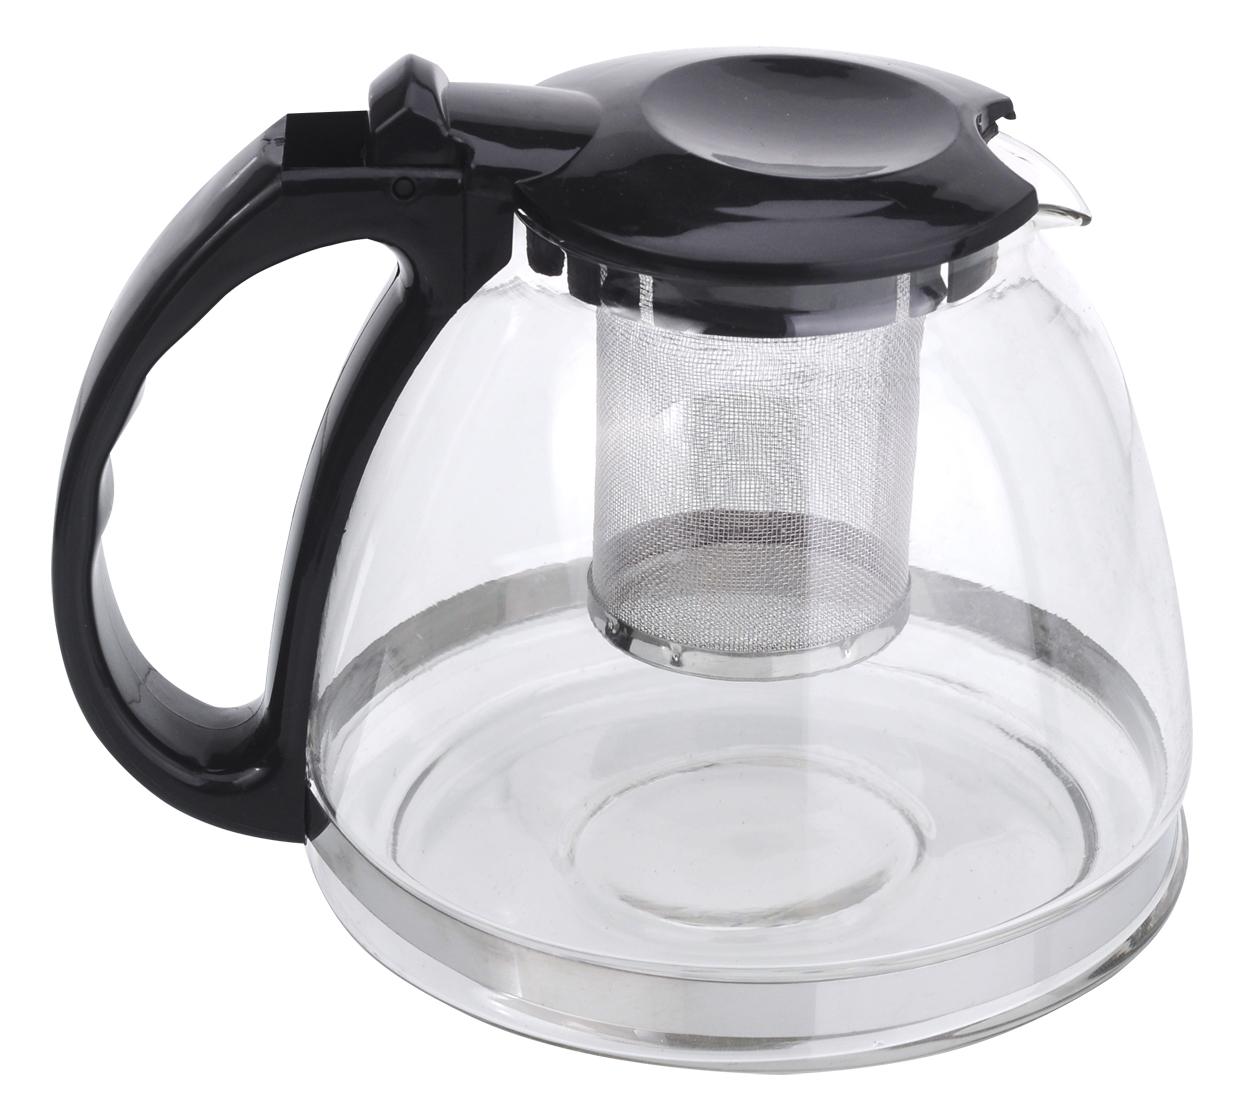 Чайник заварочный МФК-профит, с фильтром, цвет: черный, 1,3 л чайник заварочный мфк профит белла 900 мл